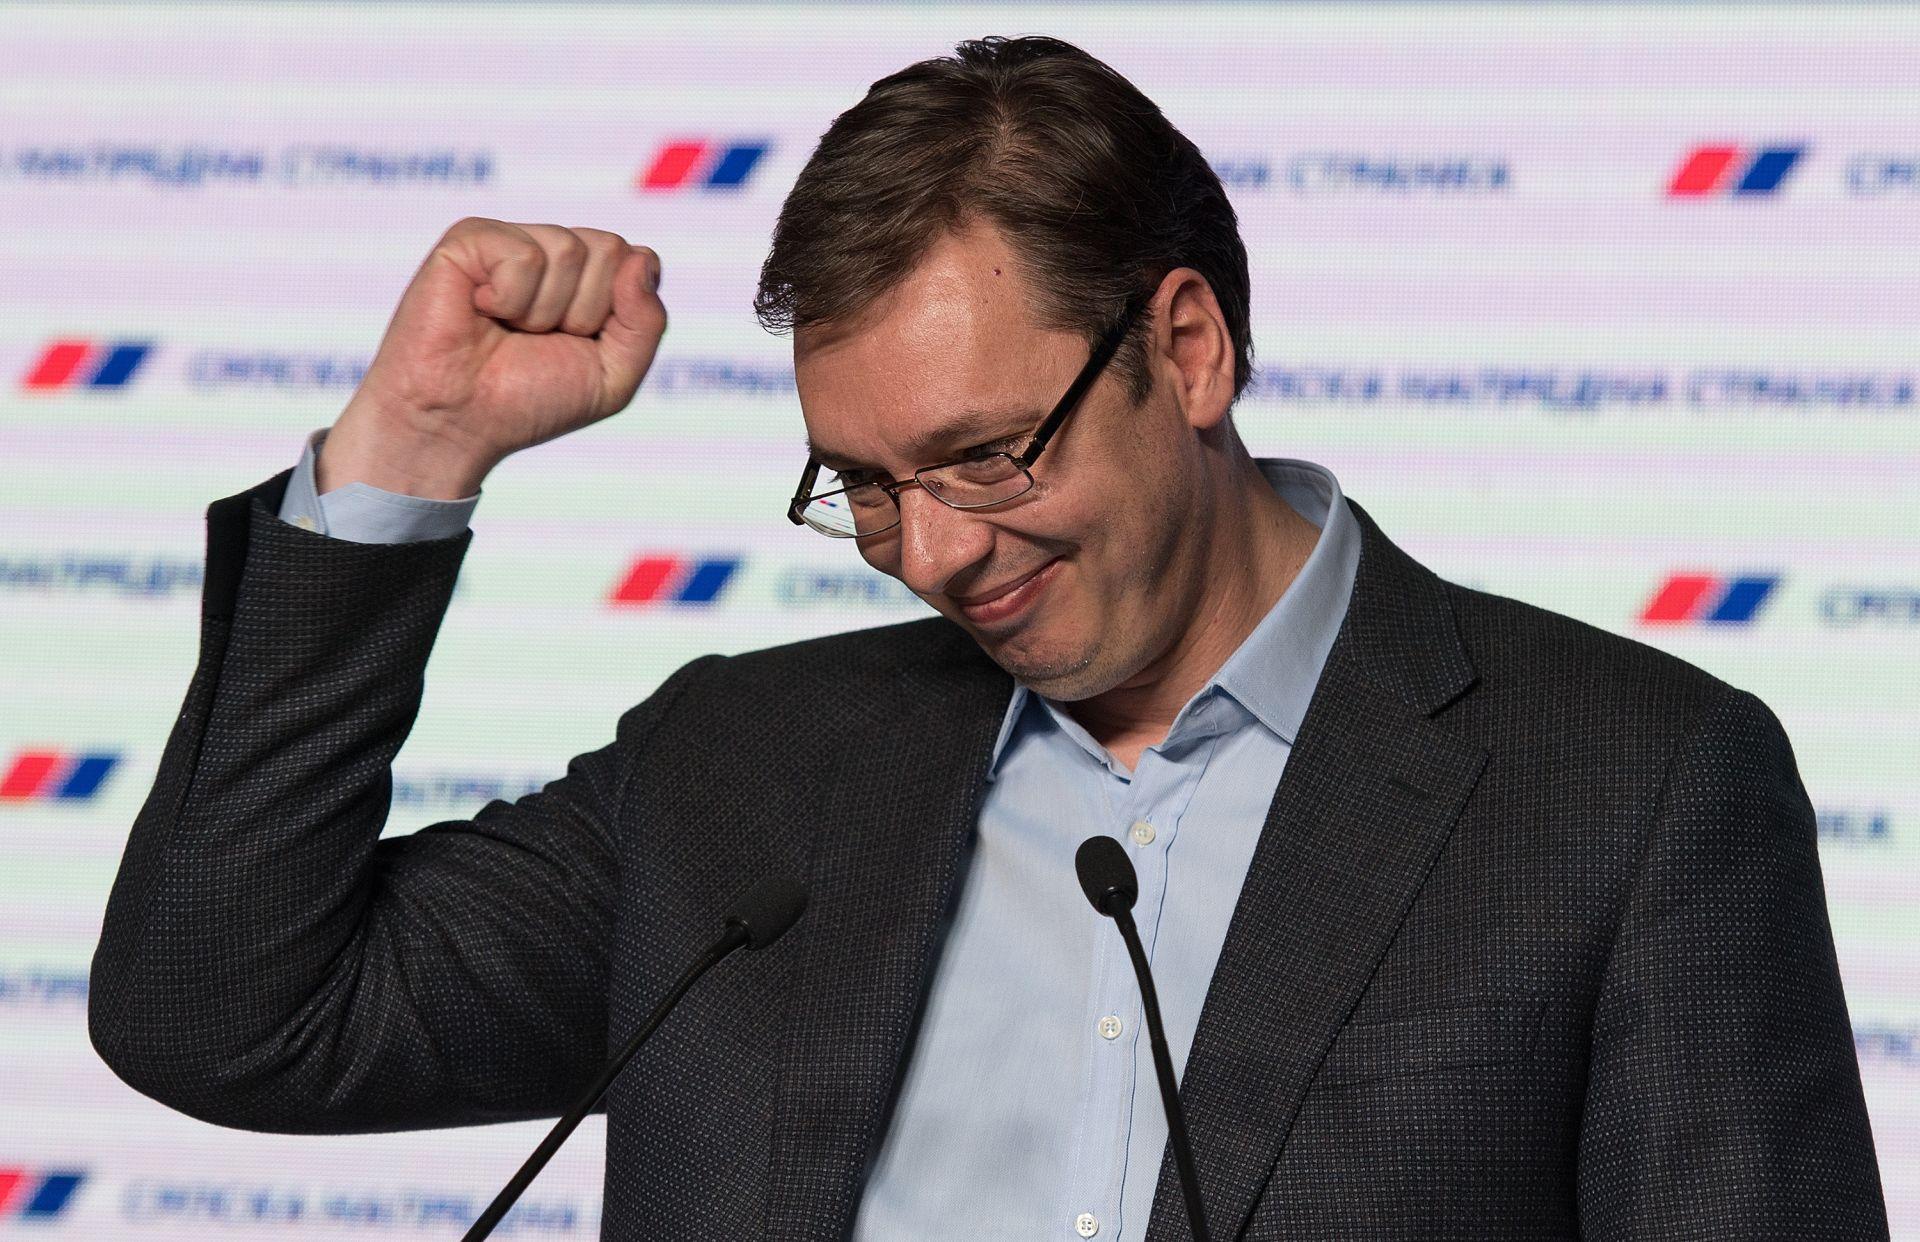 Poslijeizborna konfuzija u Srbiji, uzajamne optužbe vlasti i oporbe za krađu glasova